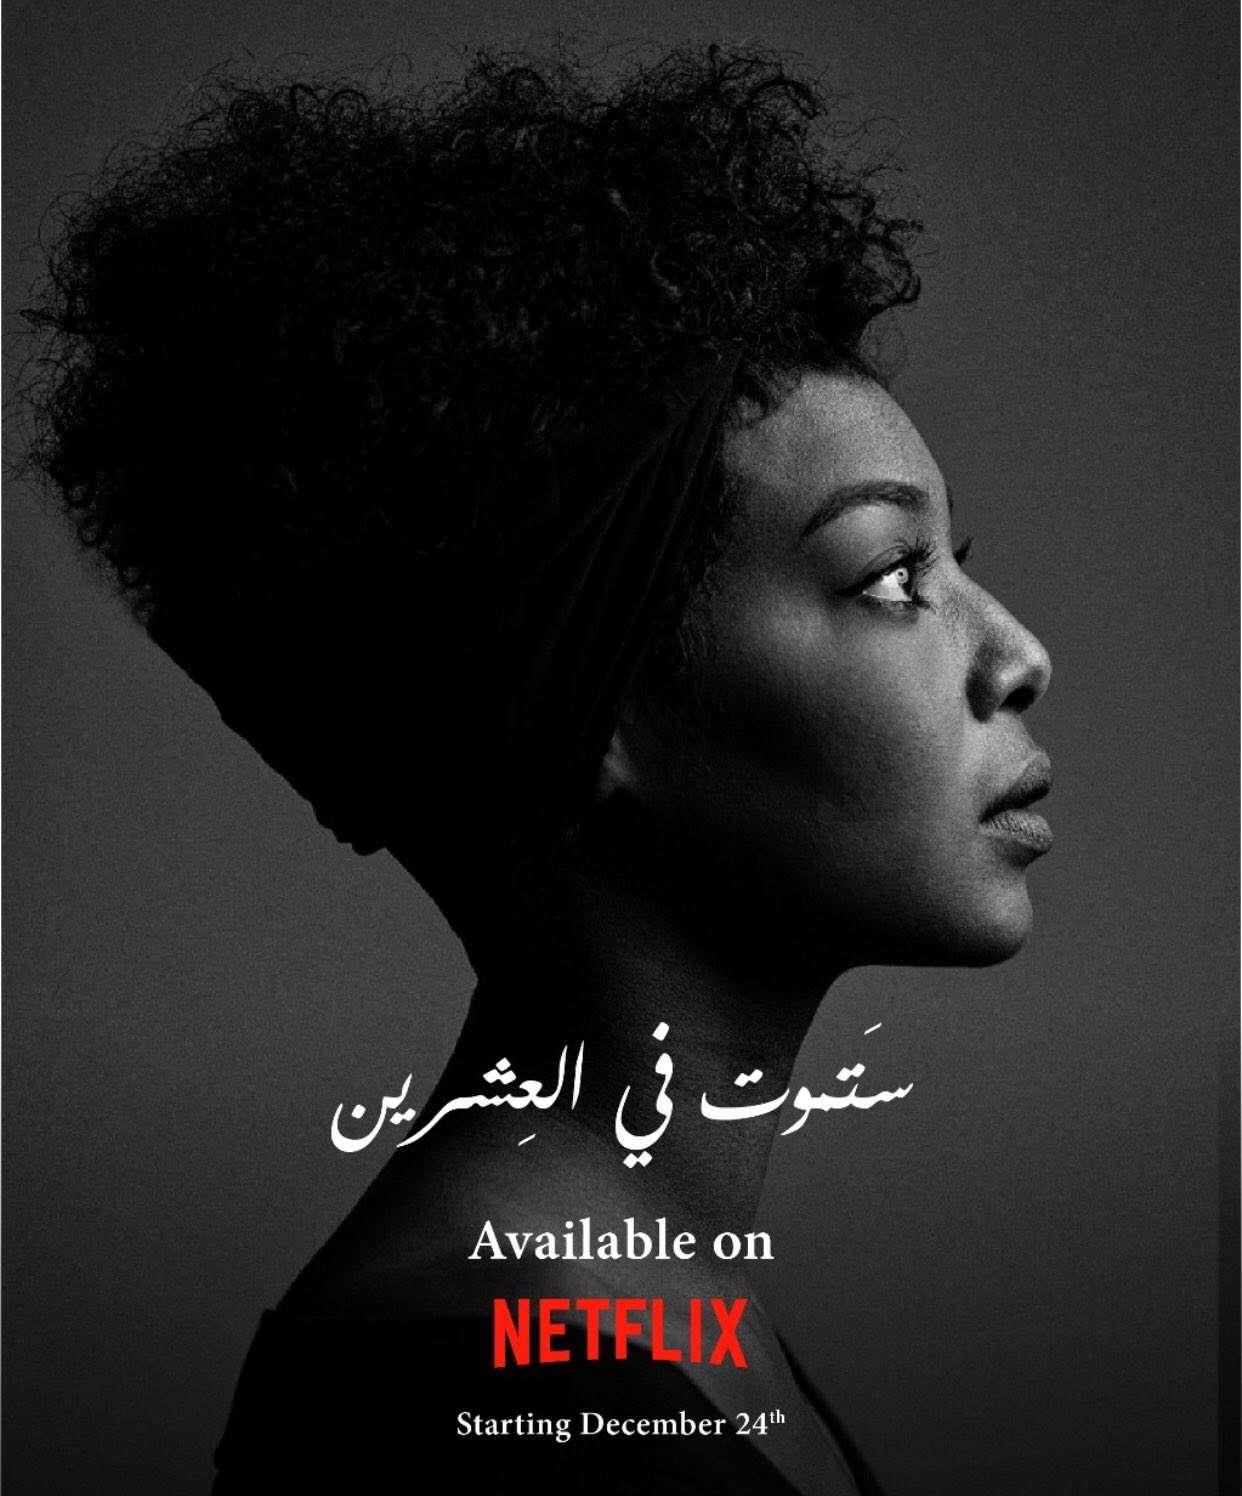 السينما السودانية تنتعش بفيلم الأوسكار : ستموت في العشرين